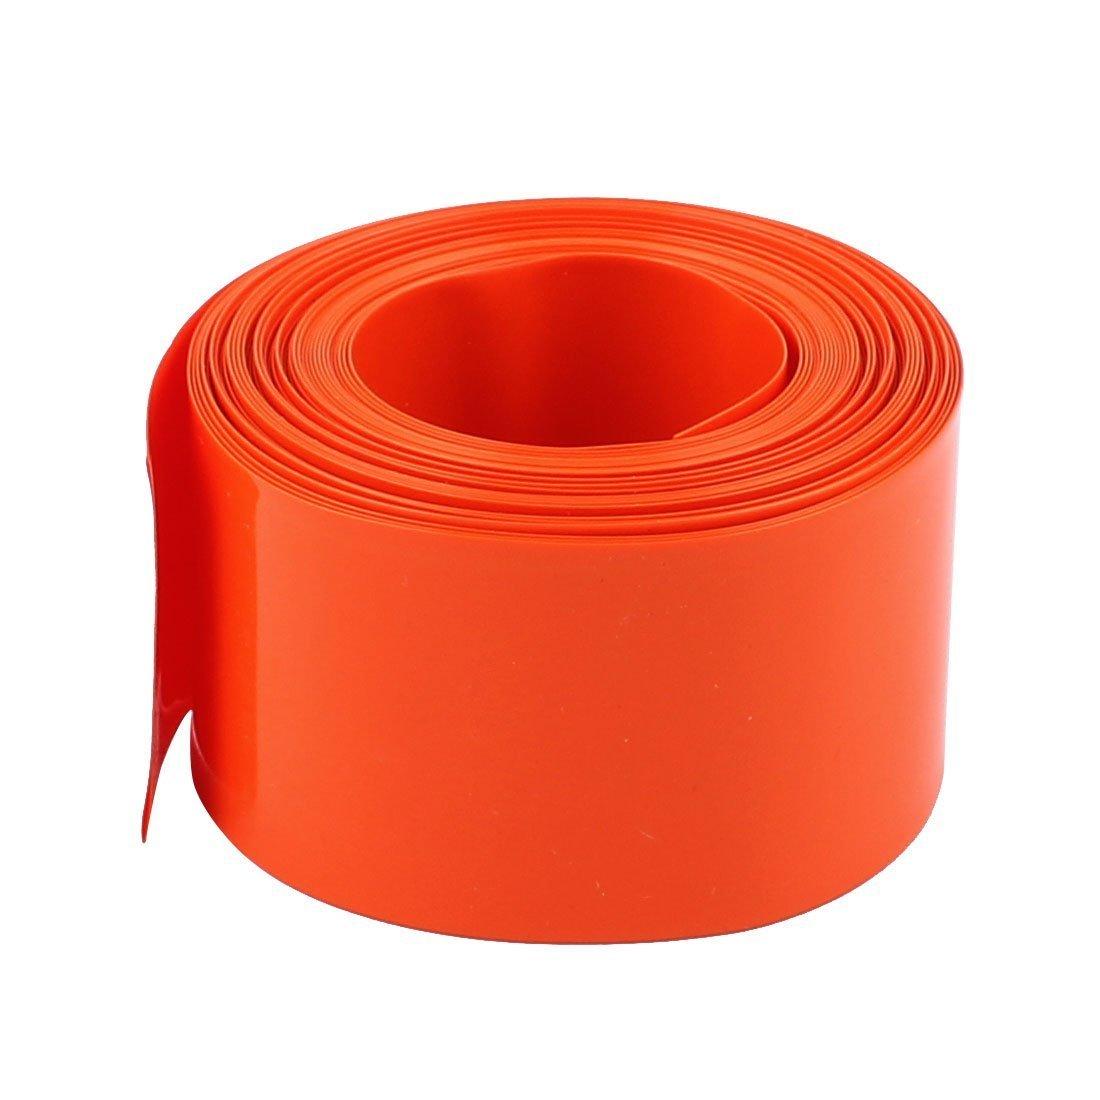 sourcingmap 18.5mm di diametro 5 m di lunghezza PVC Tubo termorestringente tubo Rivestito della batteria di colore arancione sourcing map a16083100ux0346